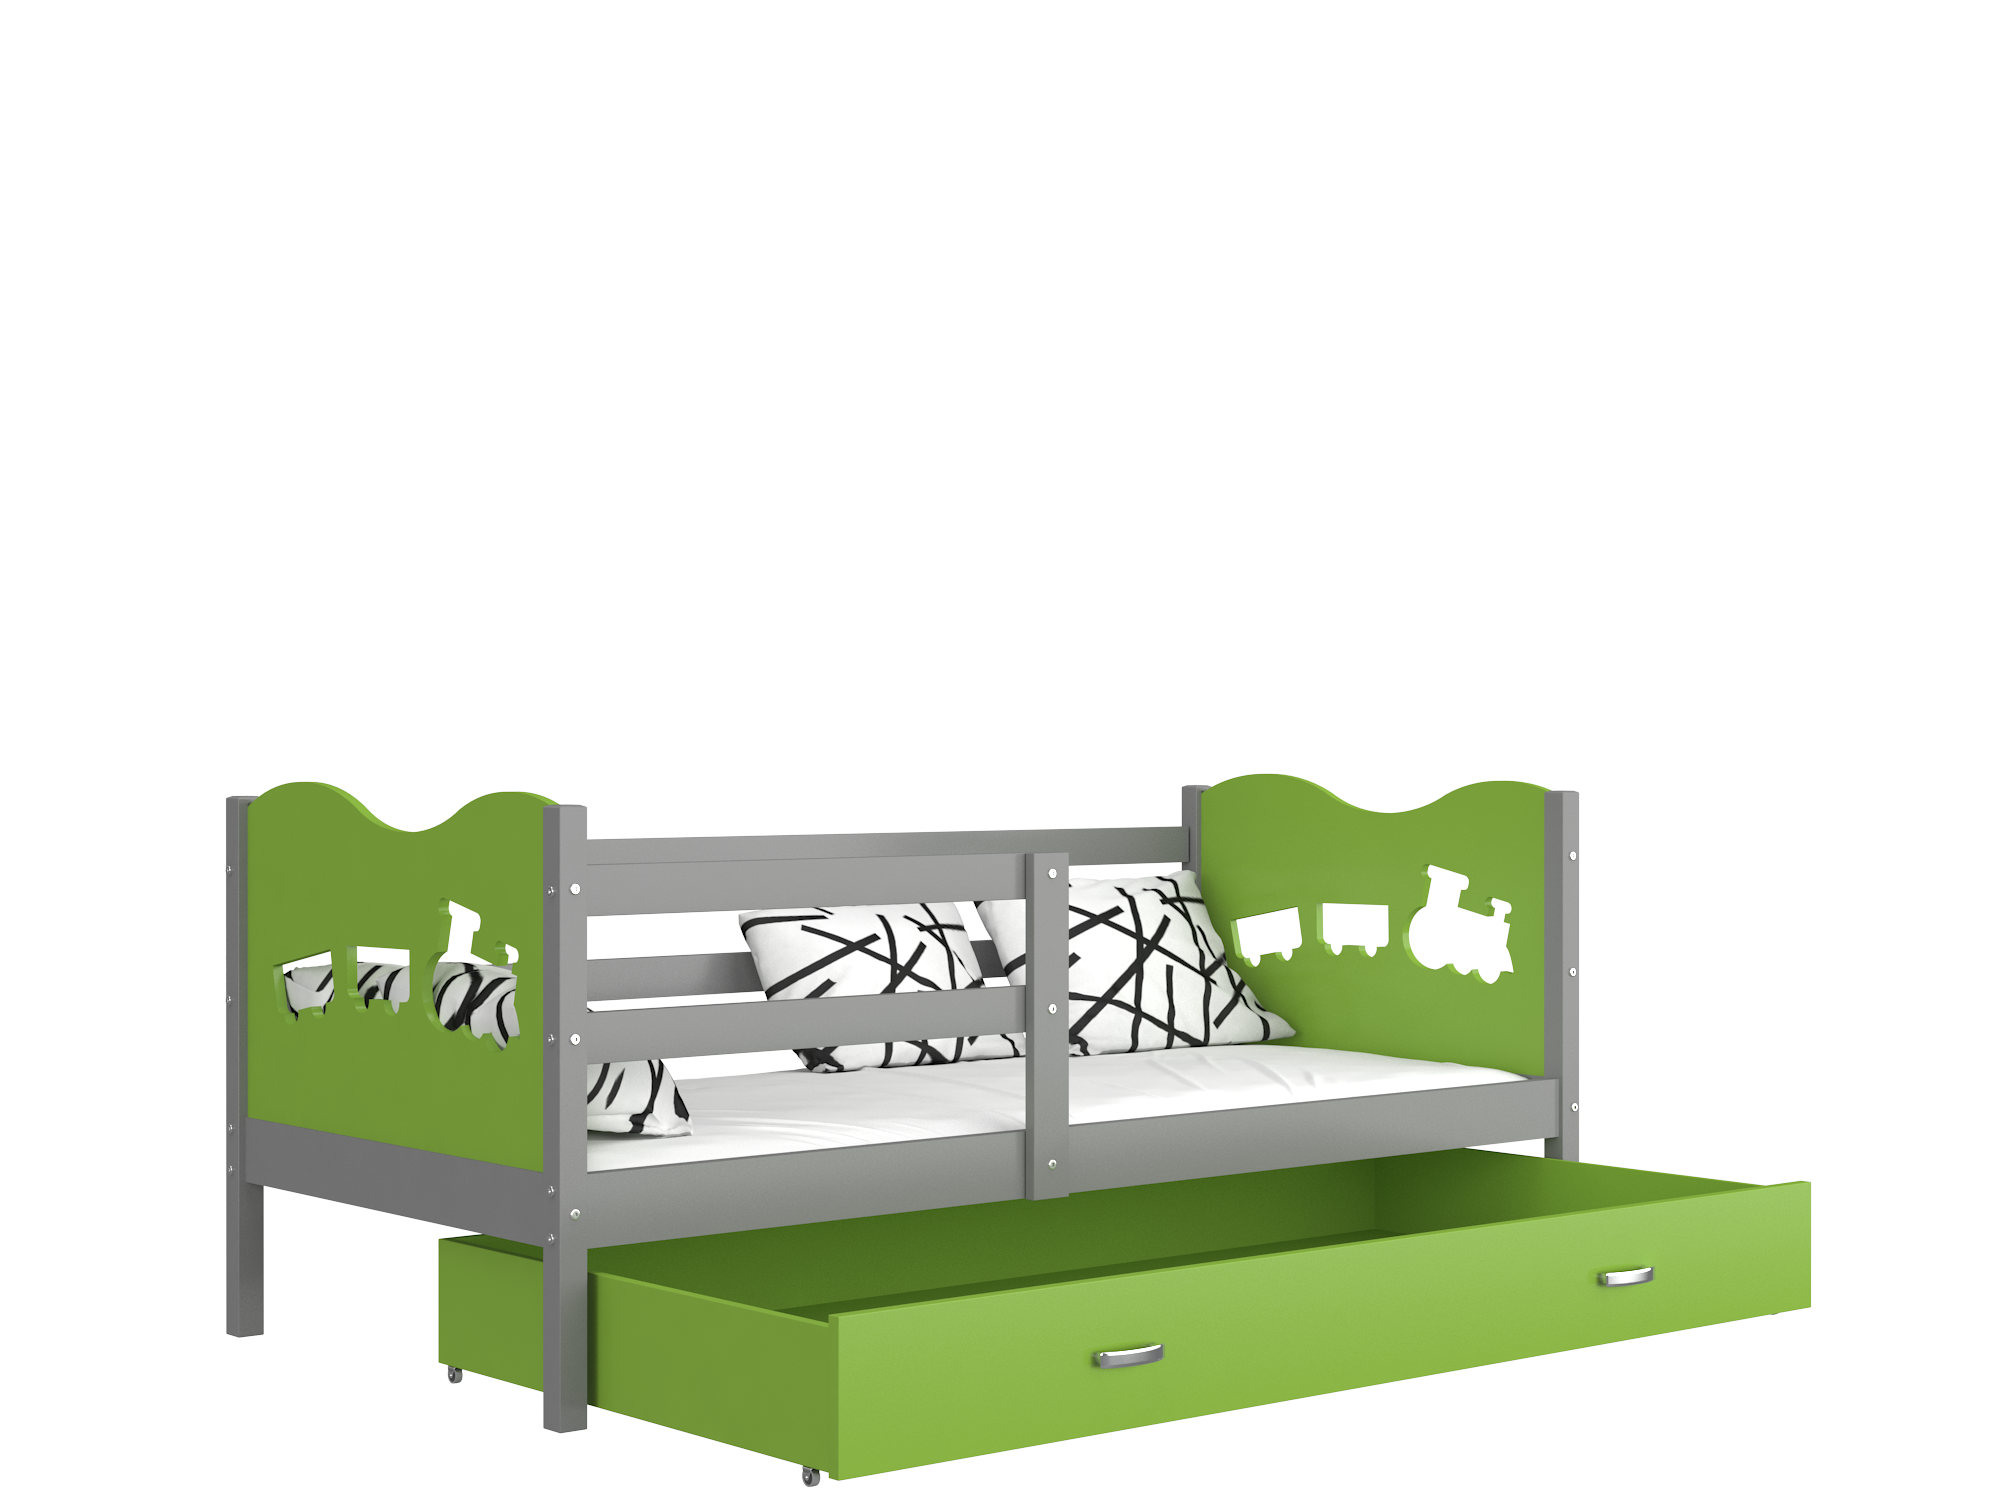 ArtAJ Detská posteľ Max P / MDF 190 x 80 cm Farba: Sivá / zelená 190 x 80 cm, Prevedenie: s matracom